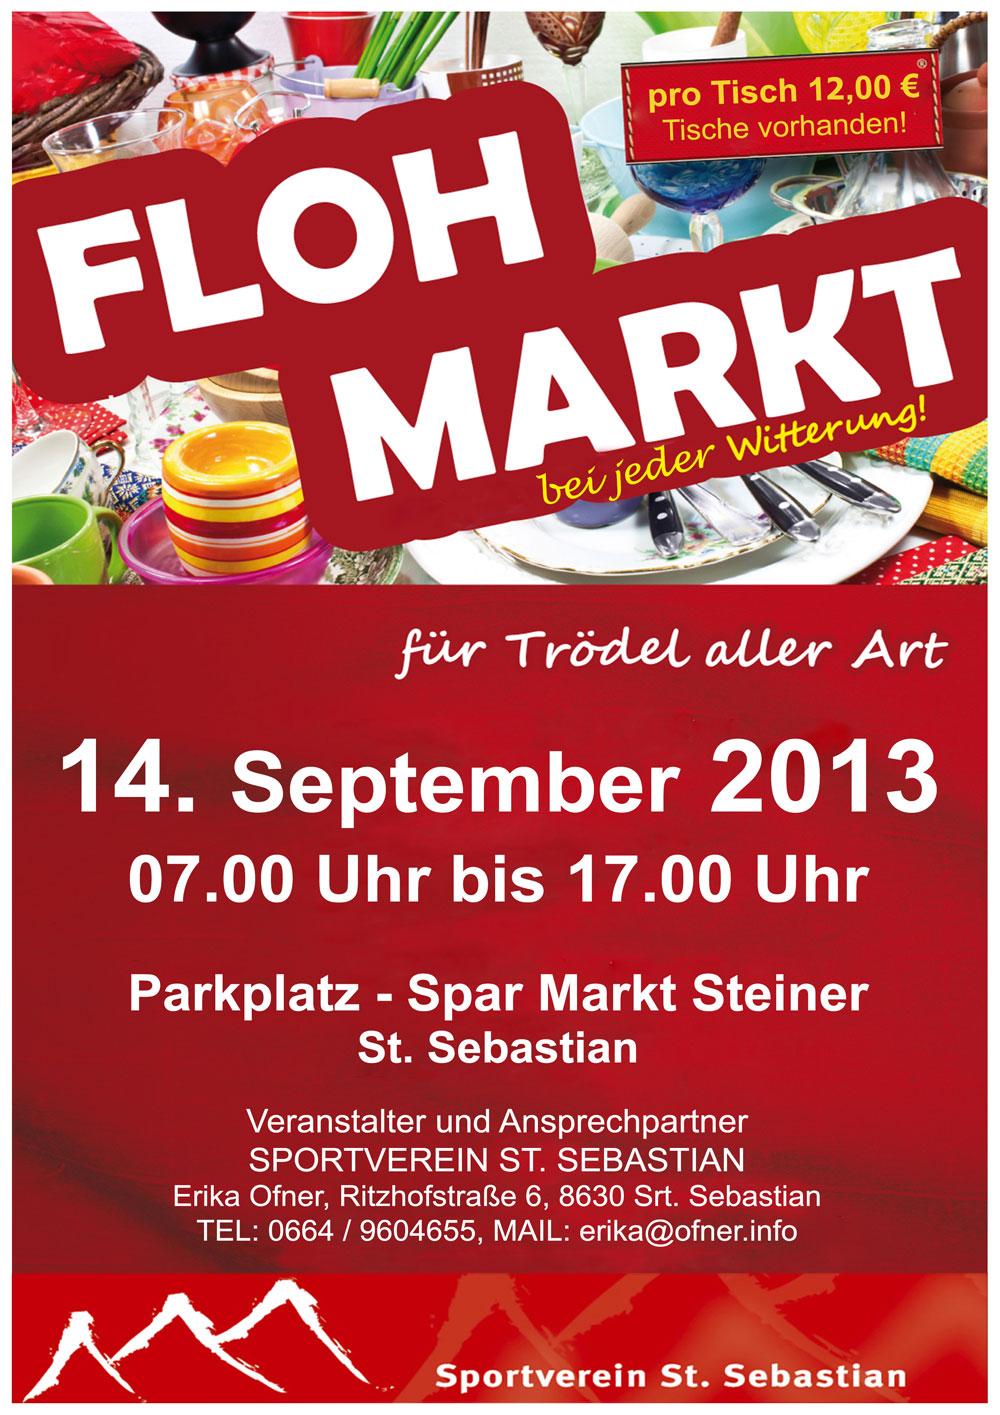 Flohmarkt-Sportverein